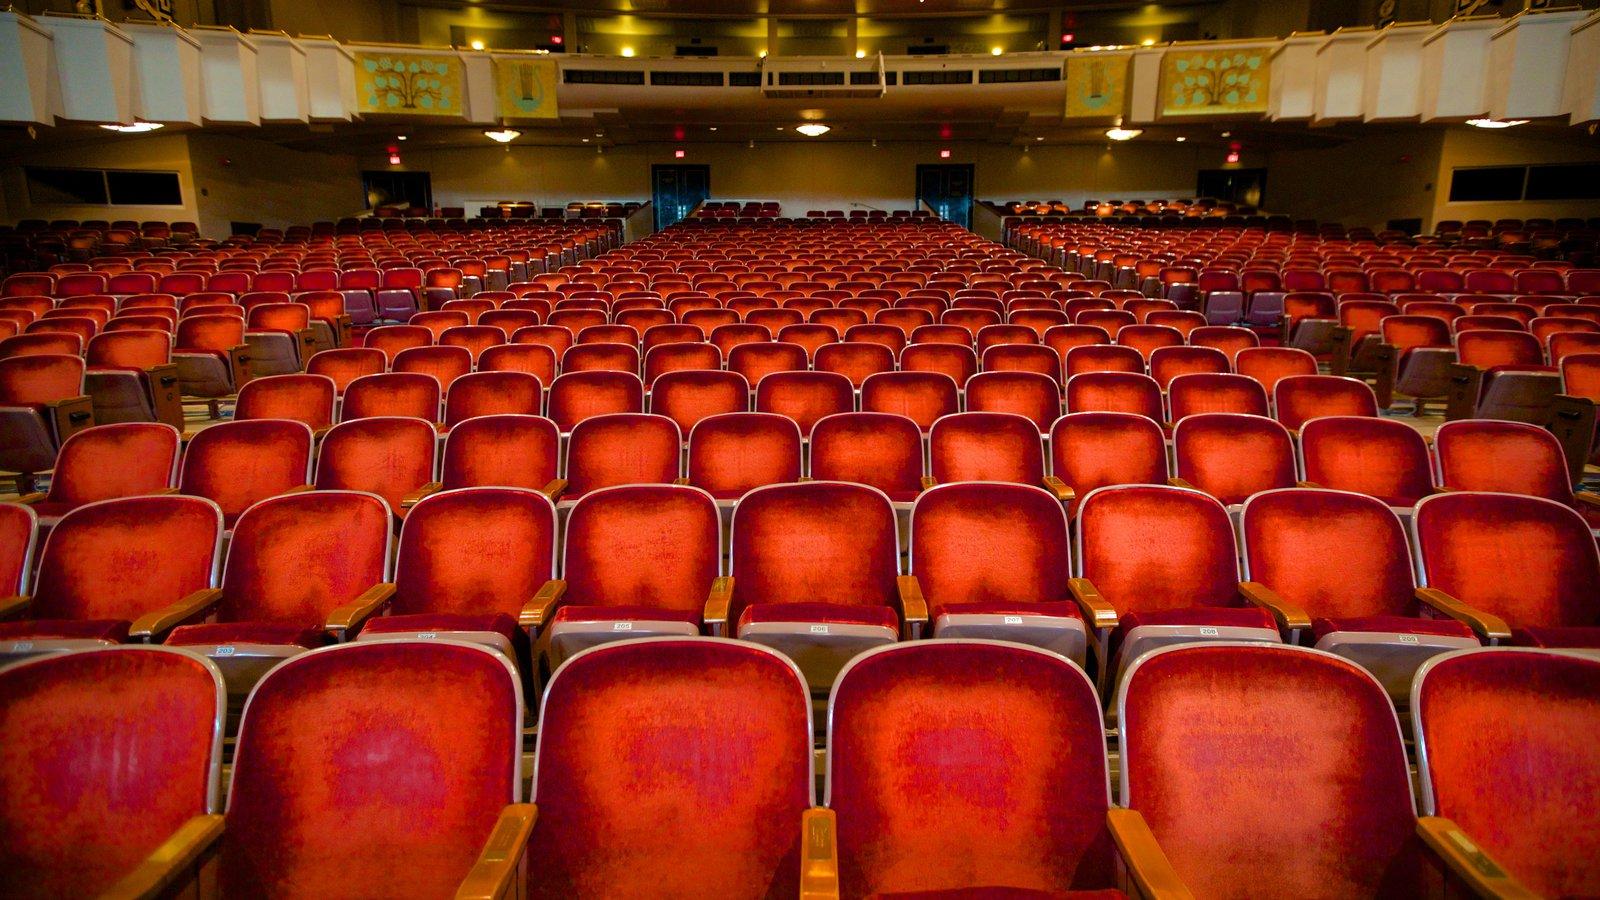 Bushnell Center for the Performing Arts que incluye vistas interiores y escenas de teatro